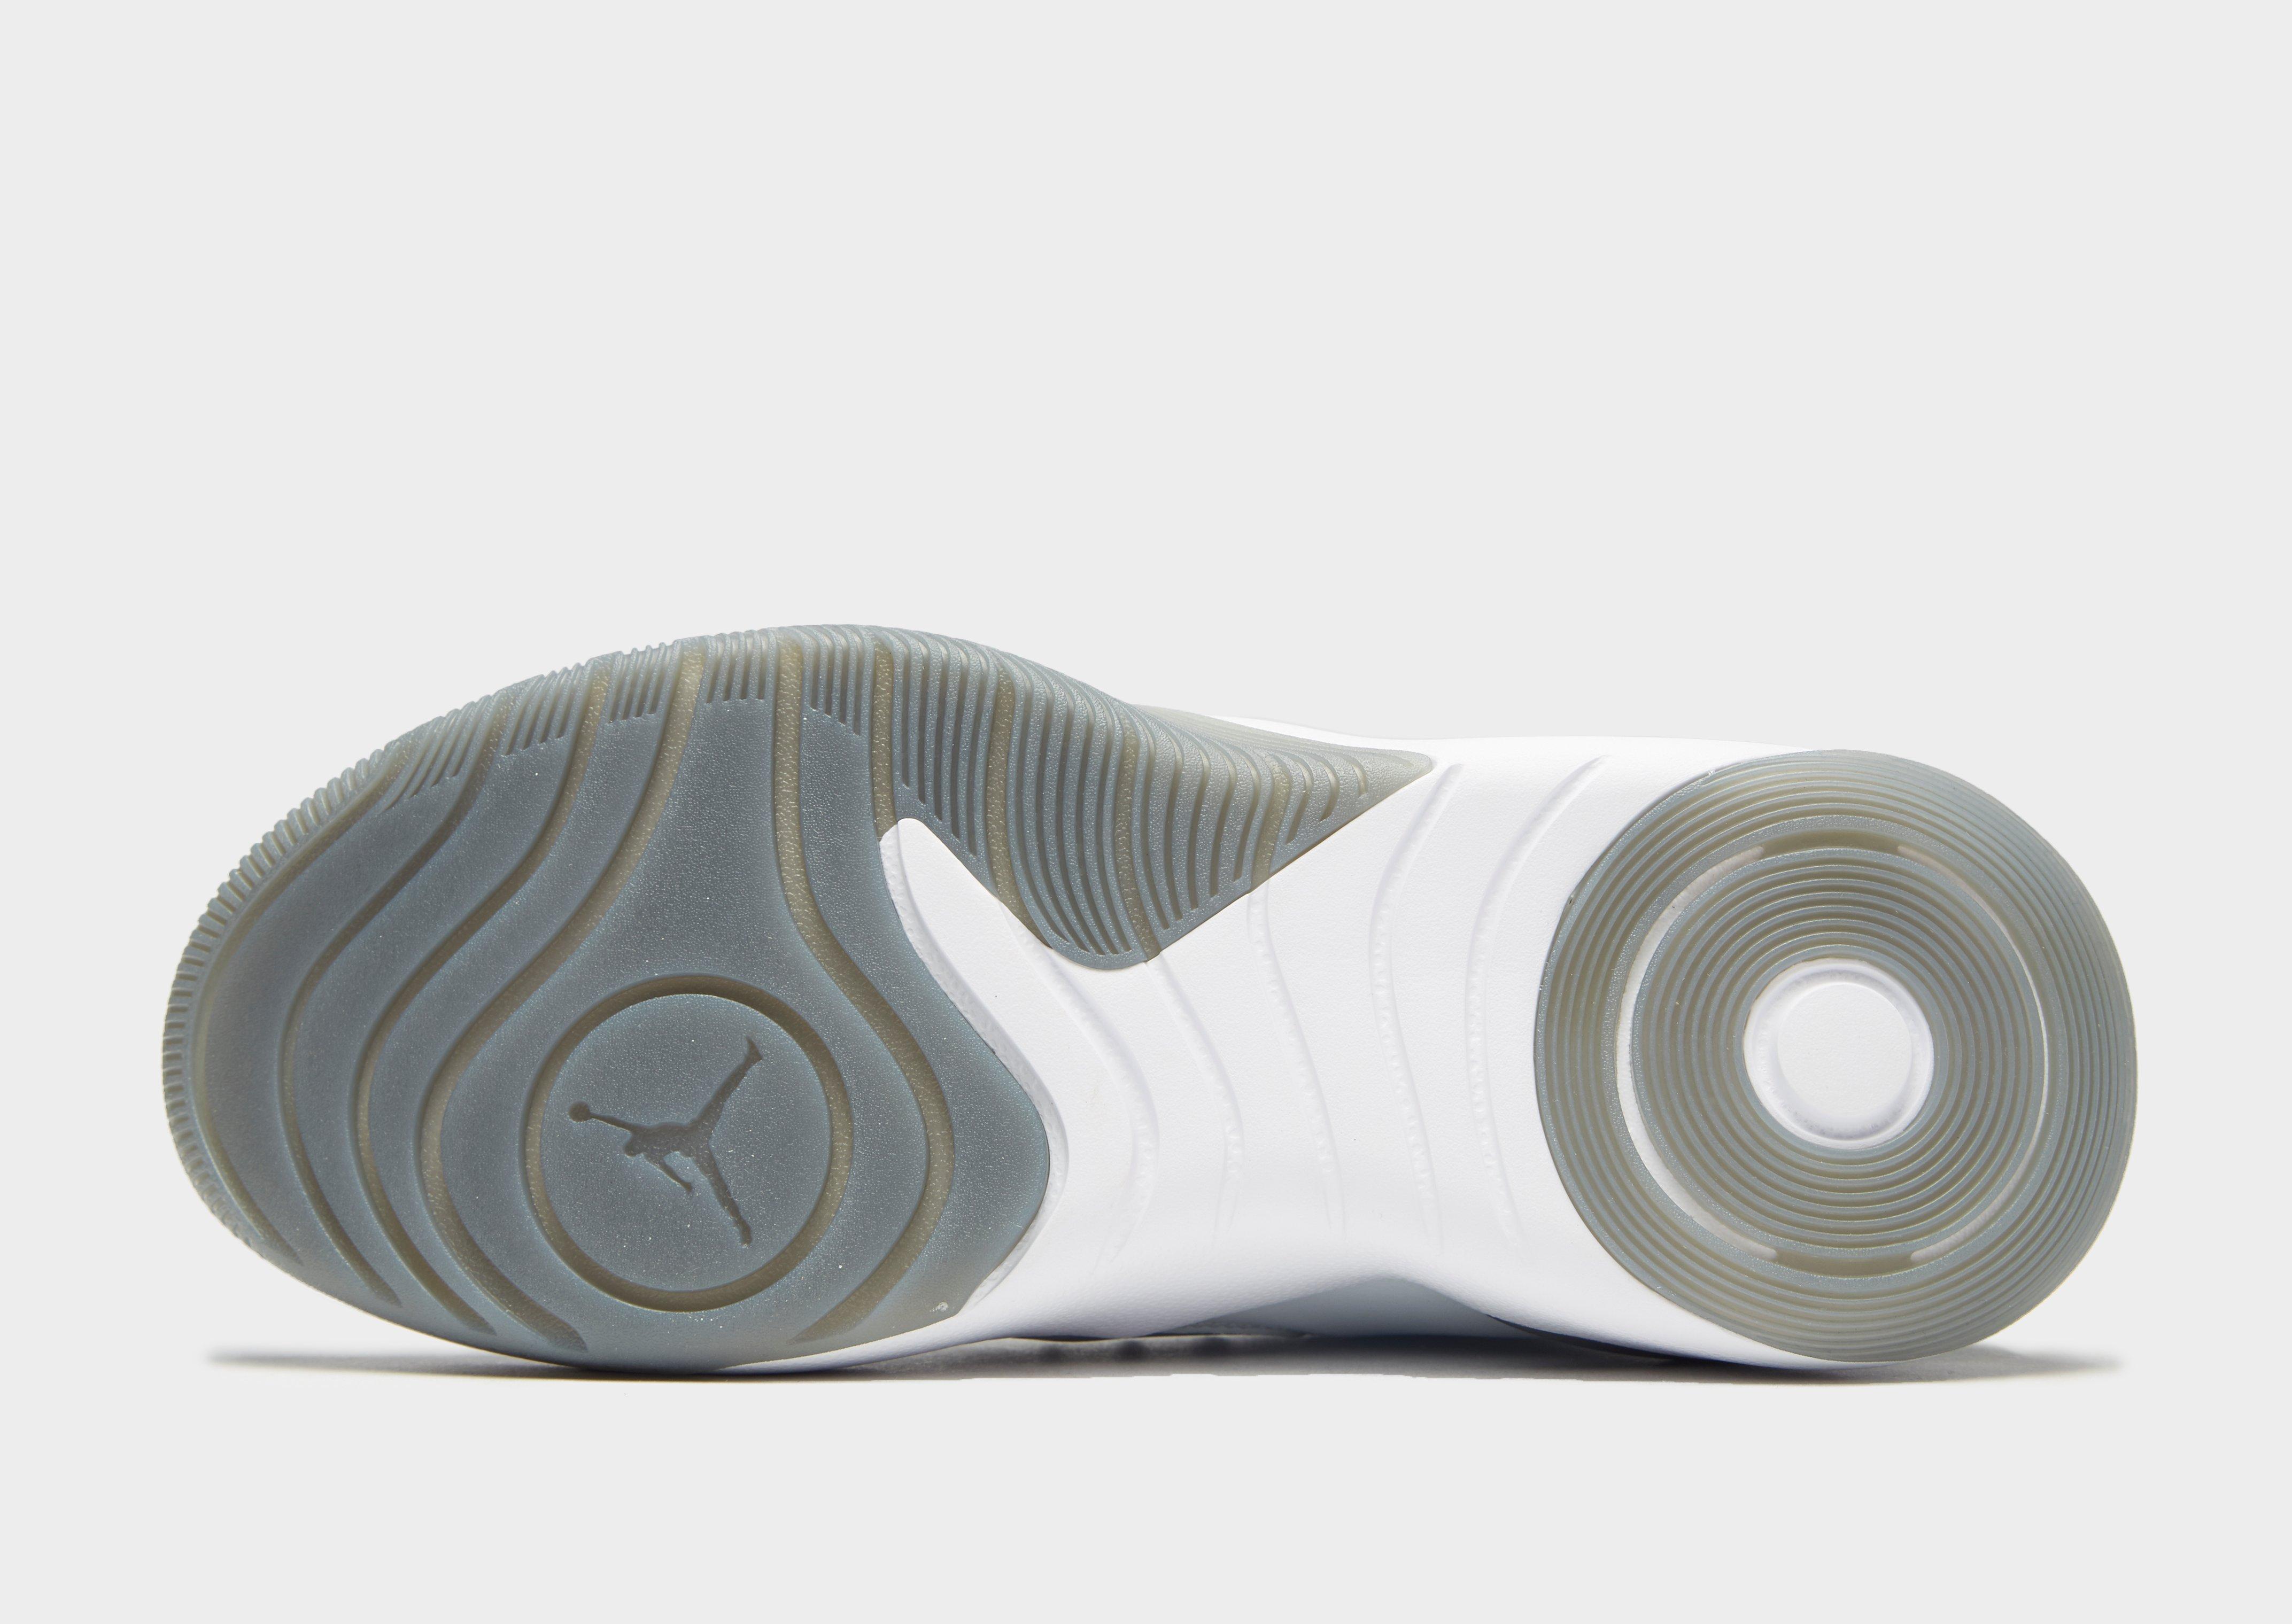 fa1d6dc8d0d8 Lyst - Nike Jordan Dna Lx Men s Shoe in Gray for Men